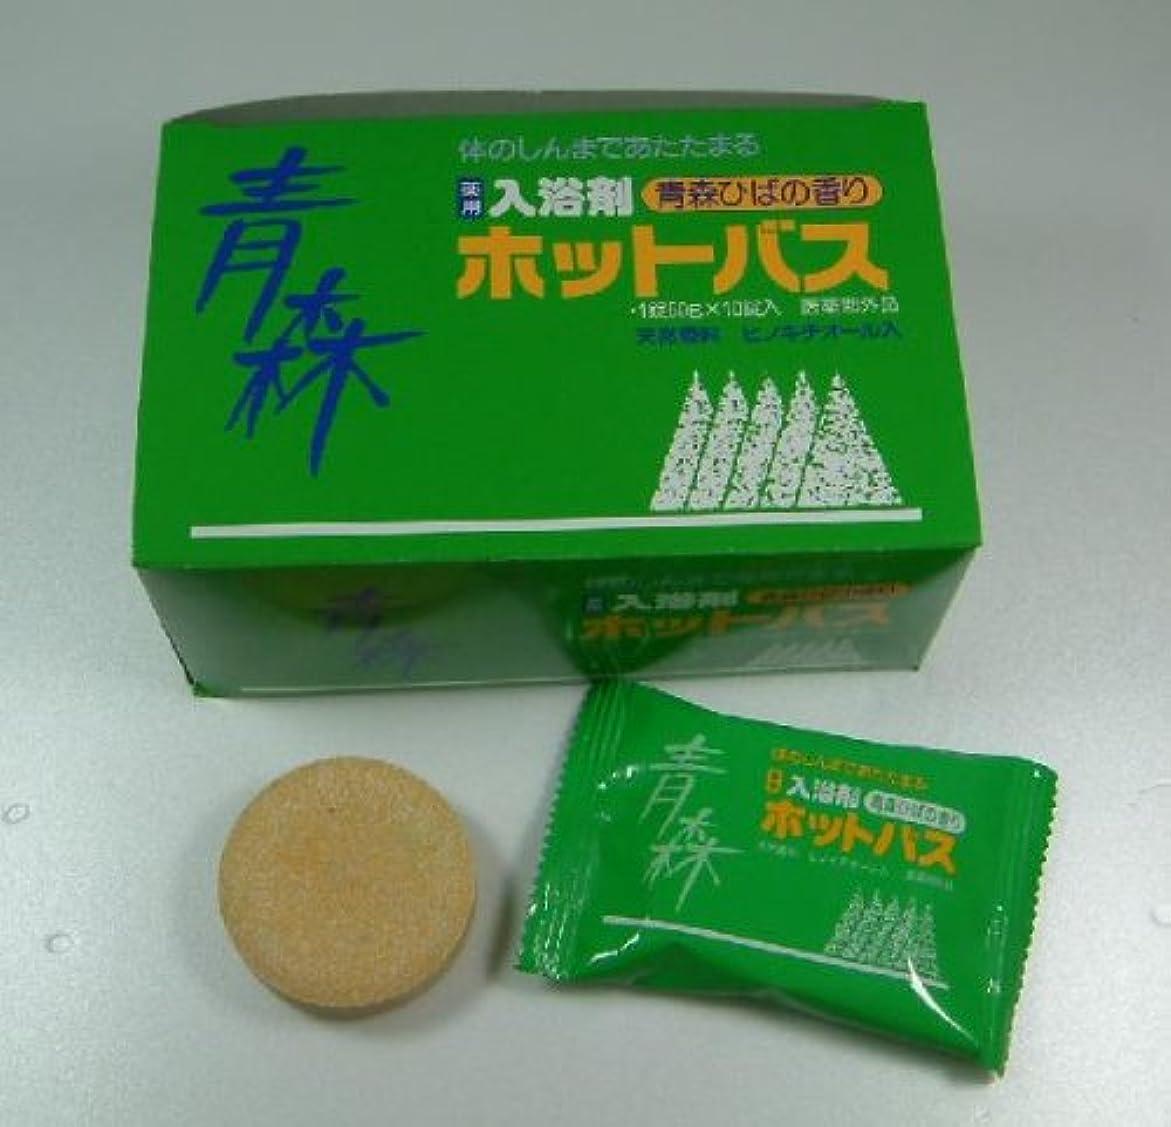 青森ひば薬用入浴剤 ホットバス 10錠